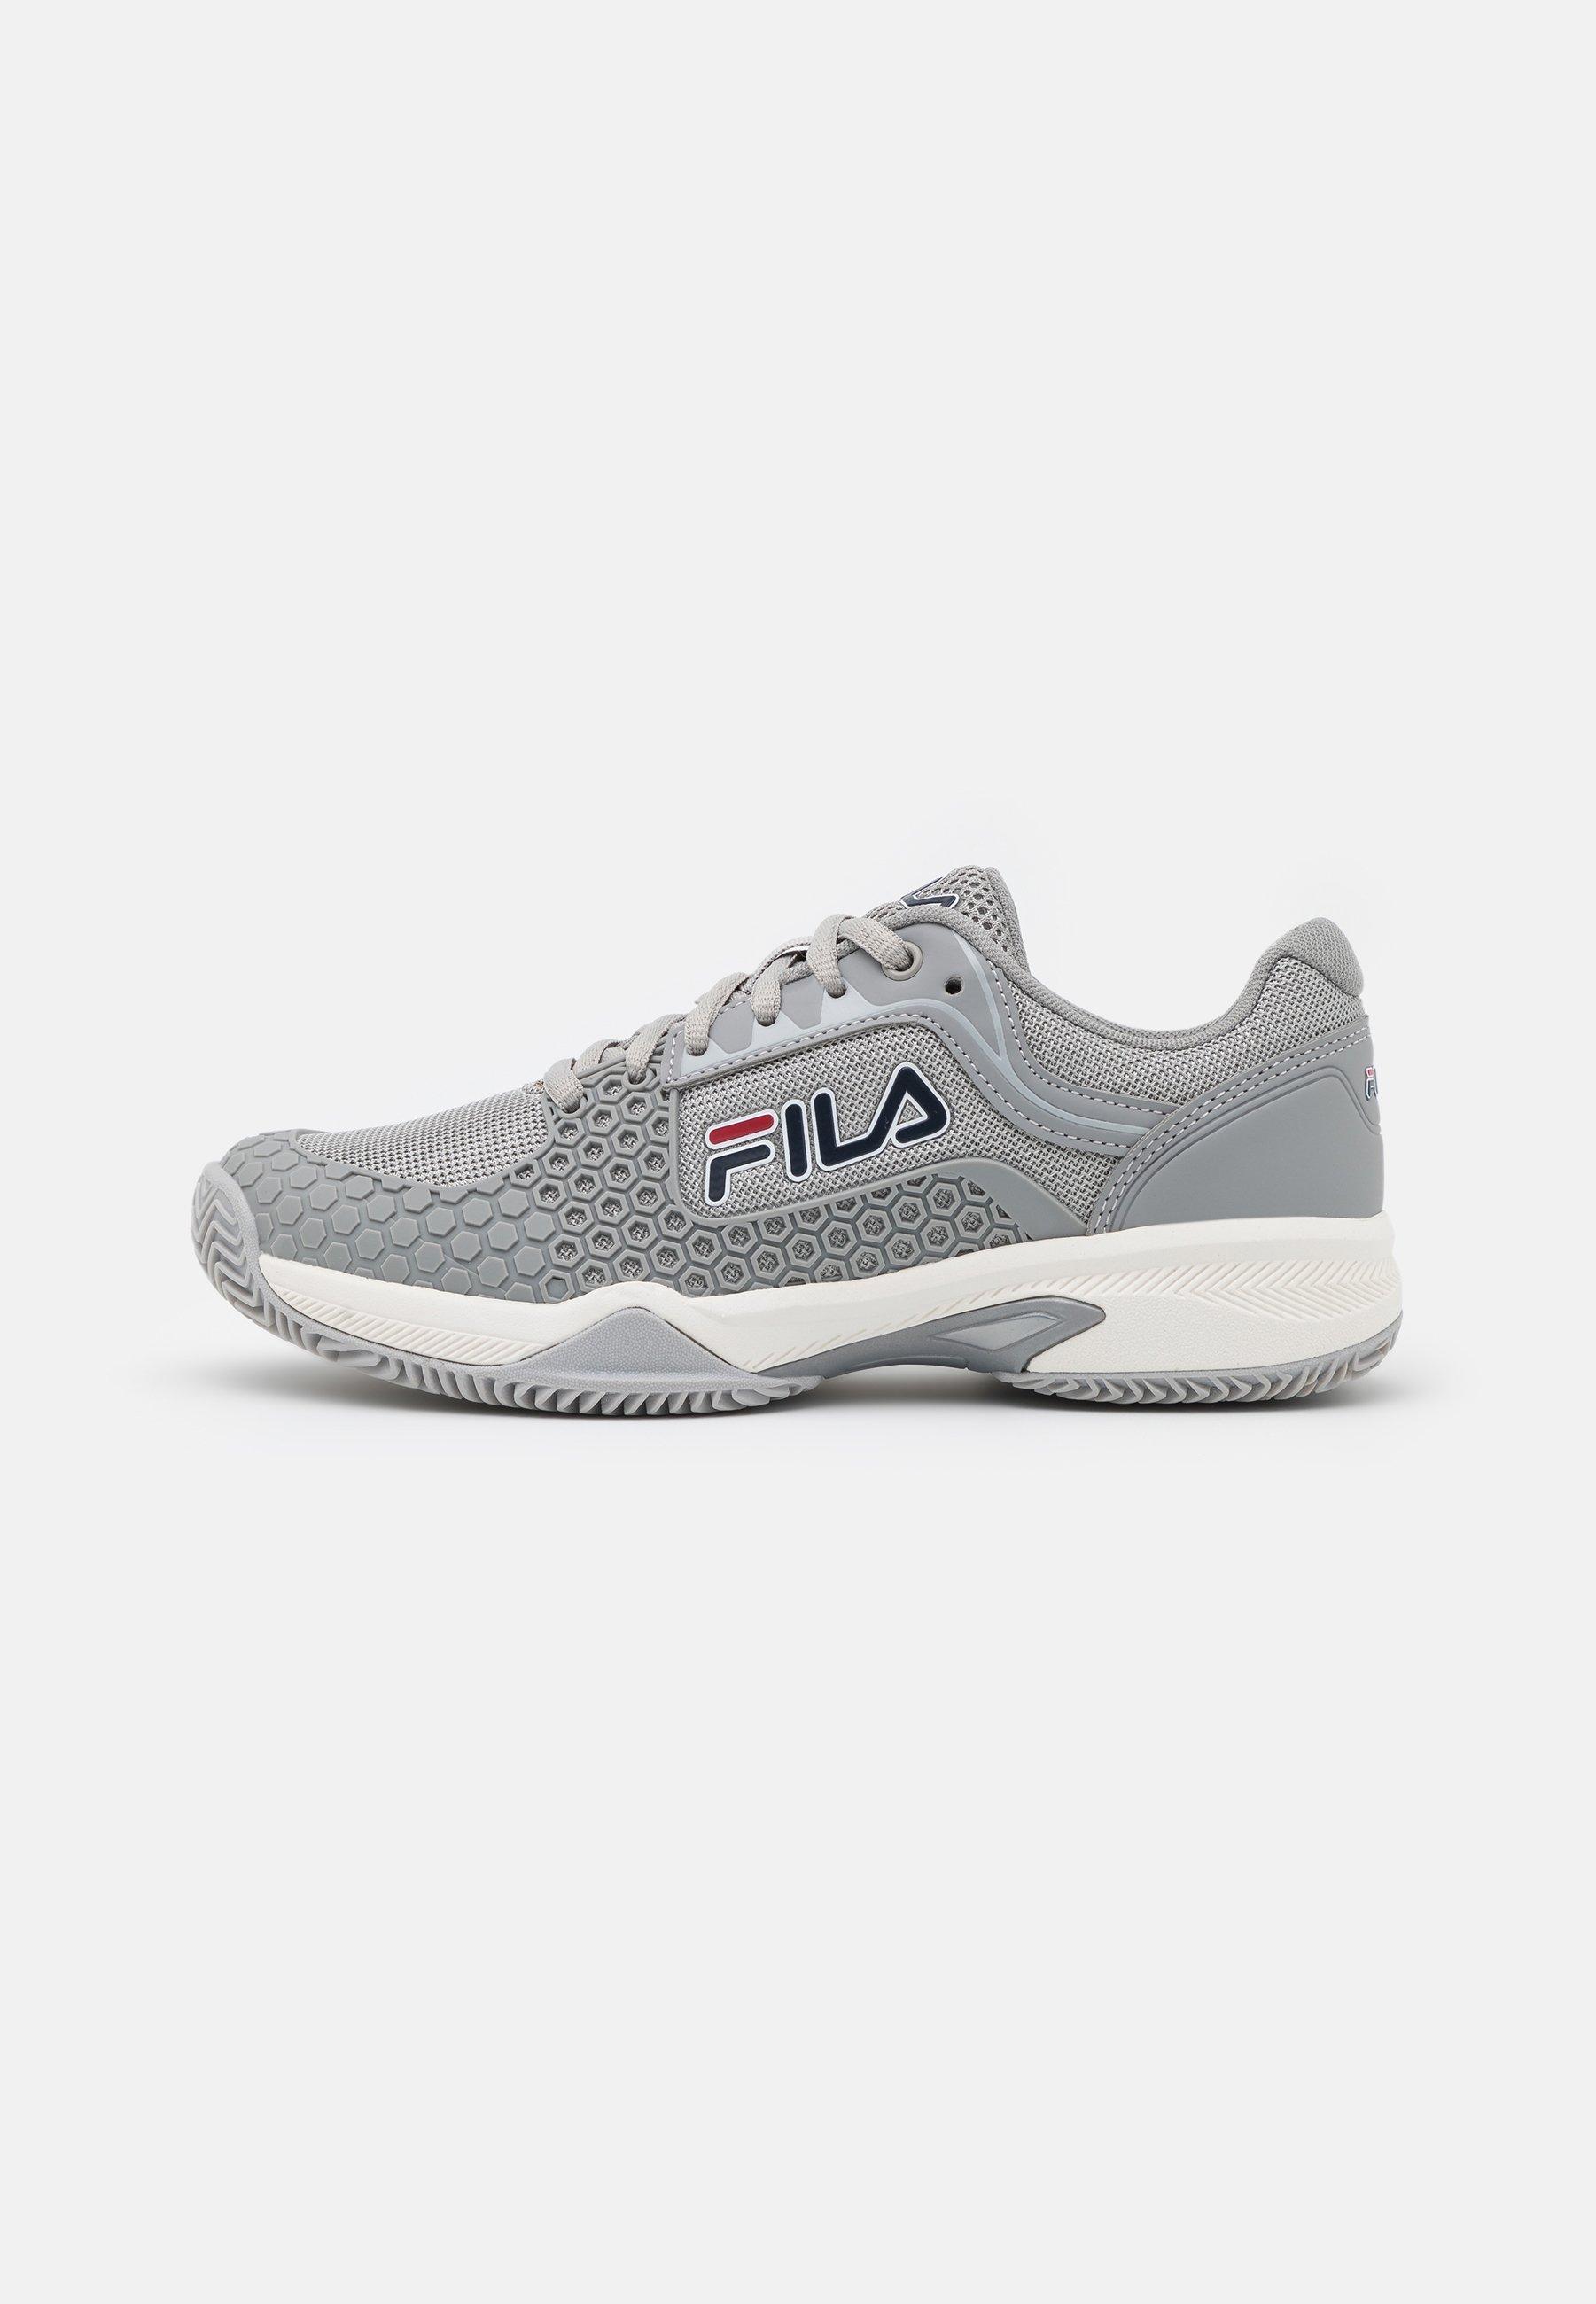 Femme WOMEN - Chaussures de tennis toutes surfaces